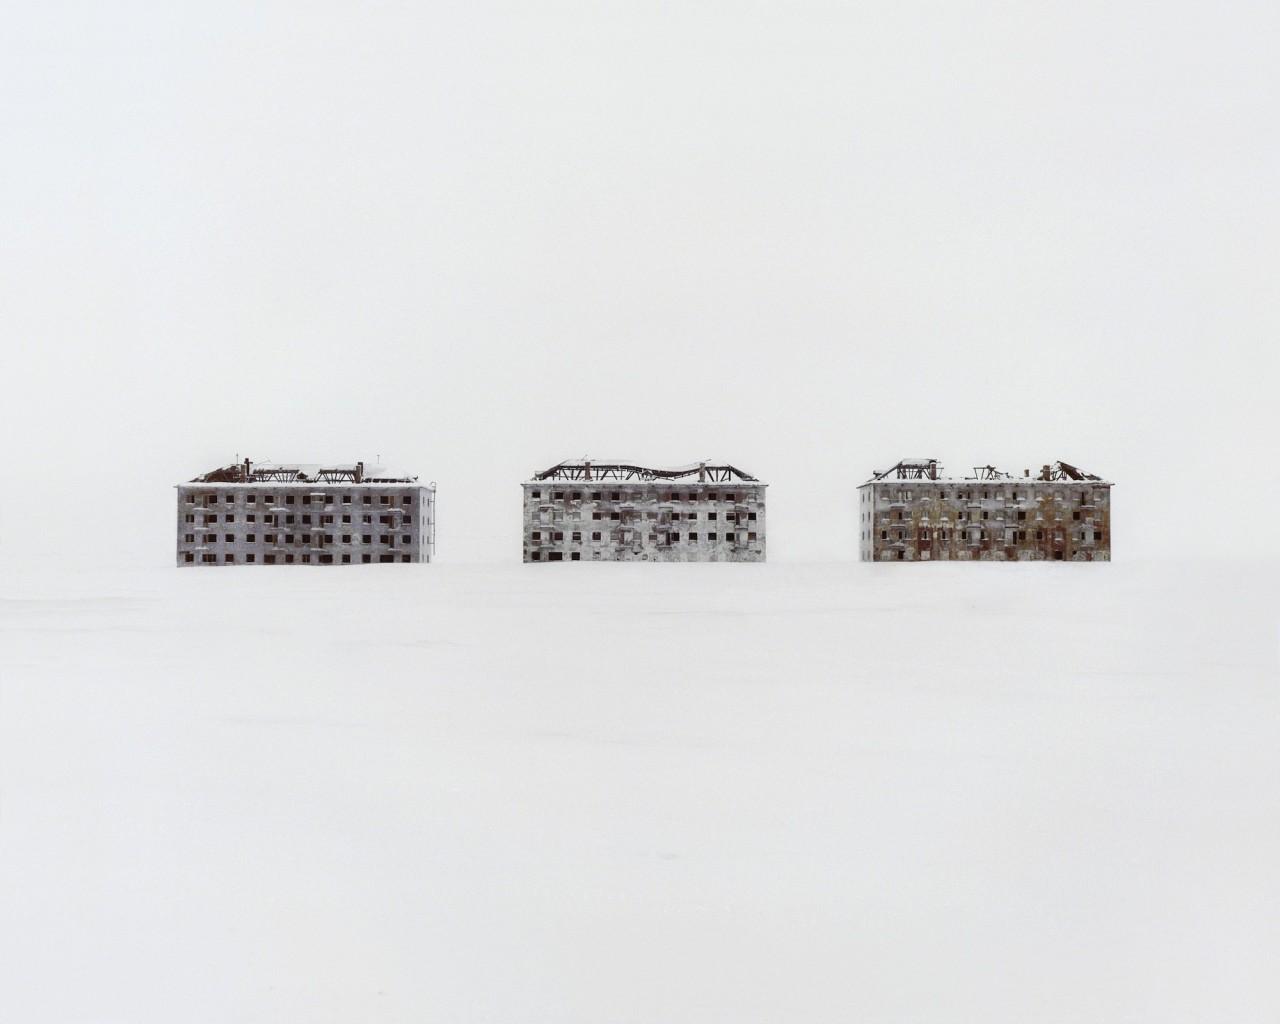 Закрытые территории, 2013-2014. Фотограф Данила Ткаченко